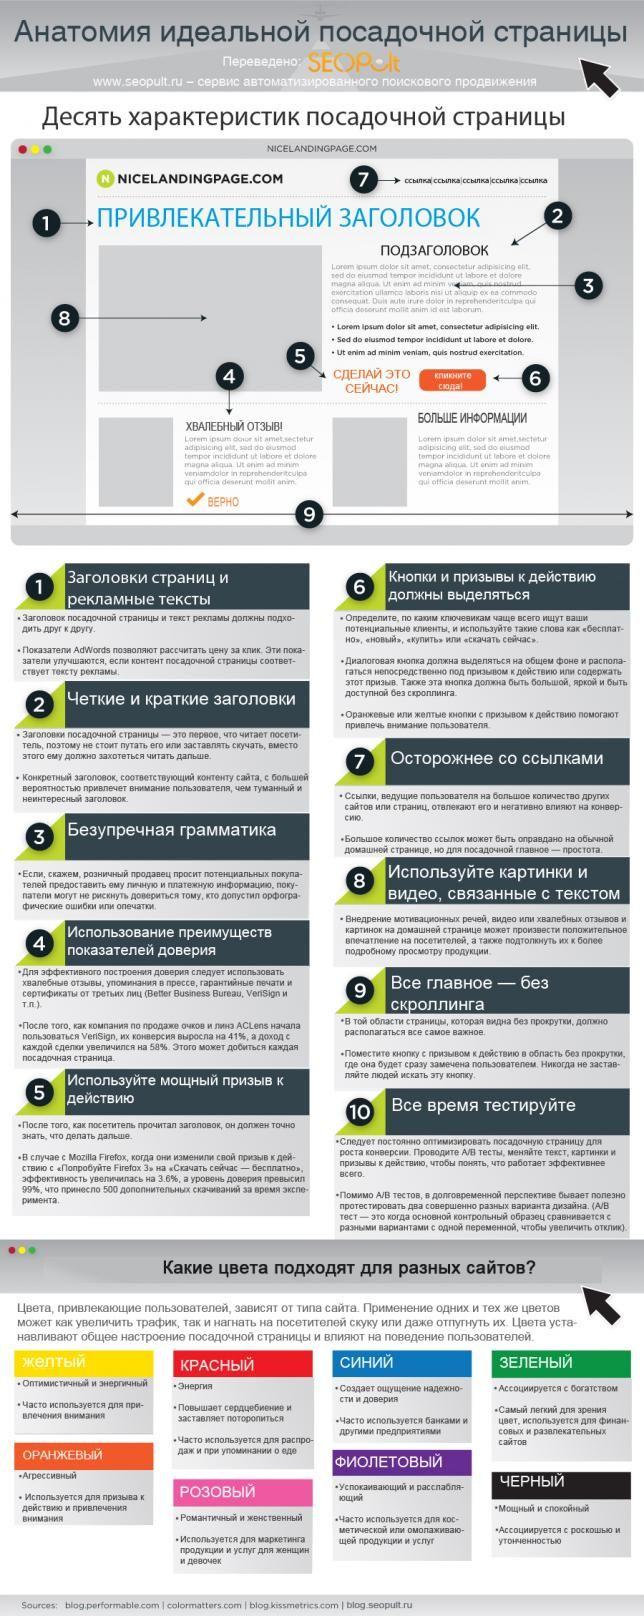 Как создать идеальную посадочную страницу?  http://cossa.ru/articles/155/20893/